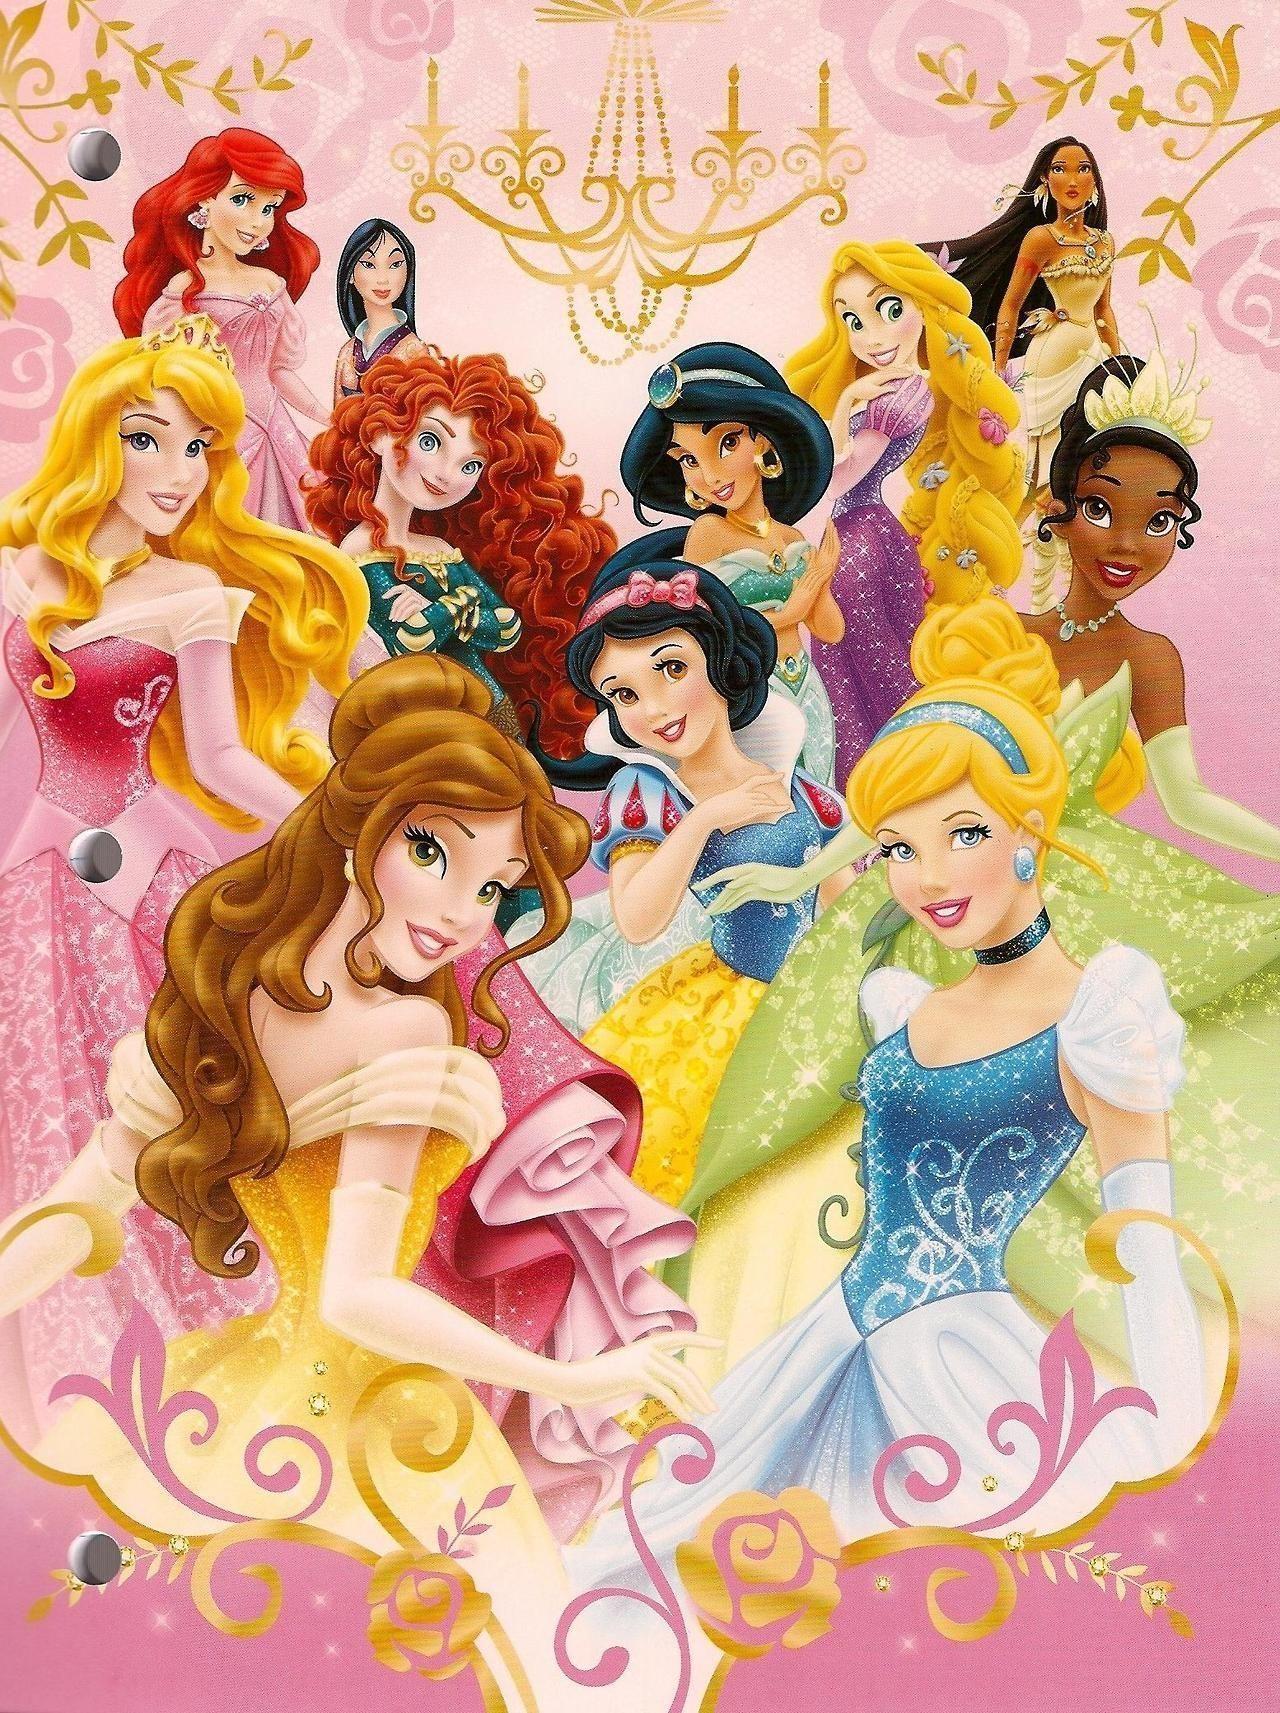 Disney Princesses Iphone Wallpapers Top Free Disney